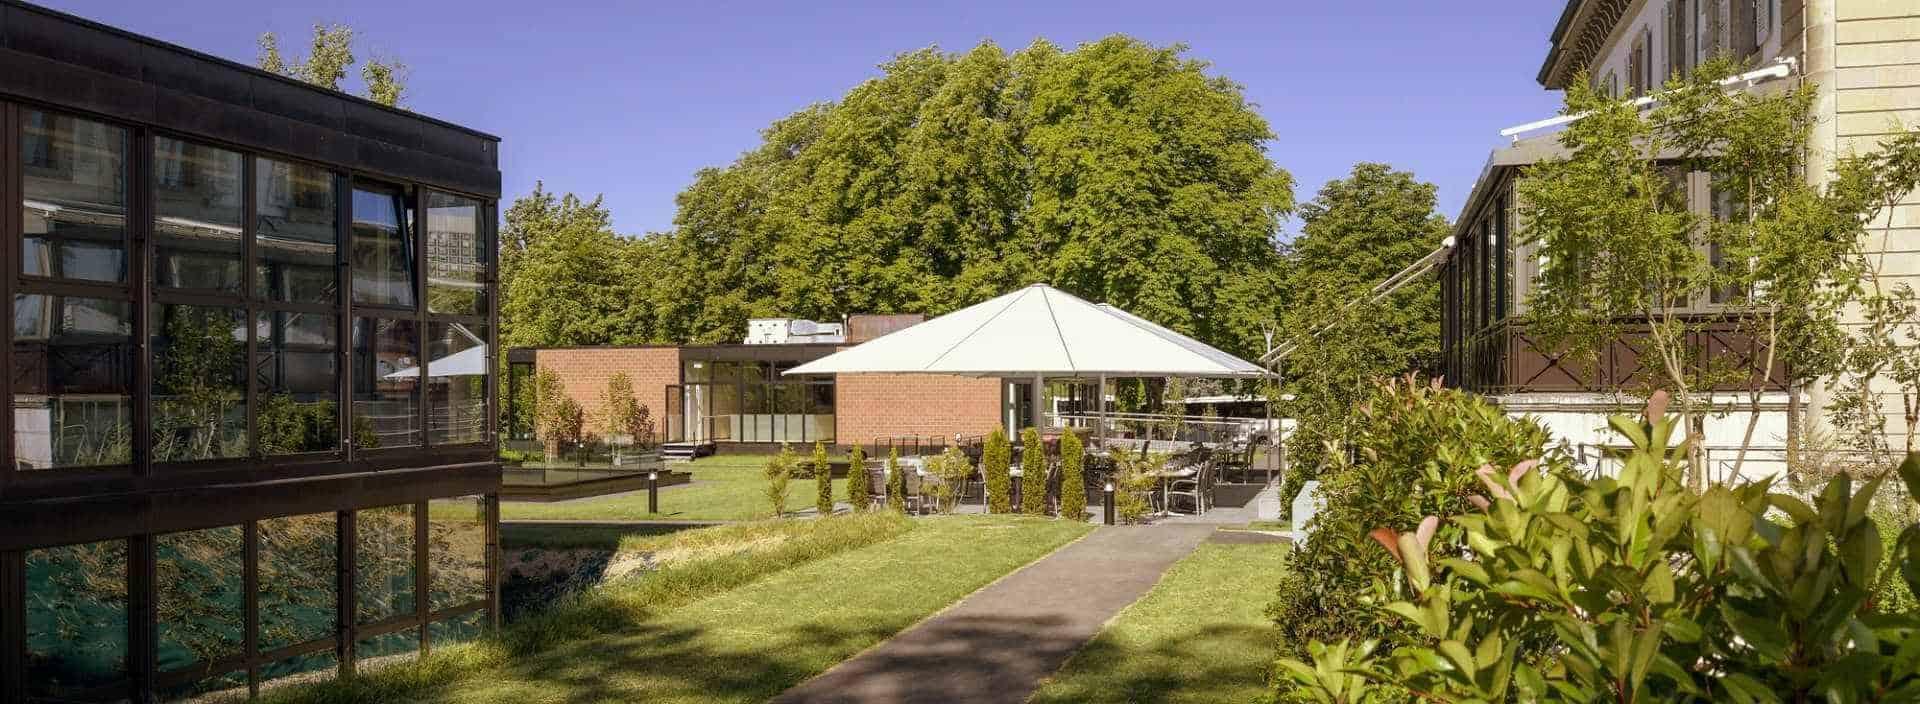 L'Ecole Hôtelière a Genève propose des logements et services via son service administratif